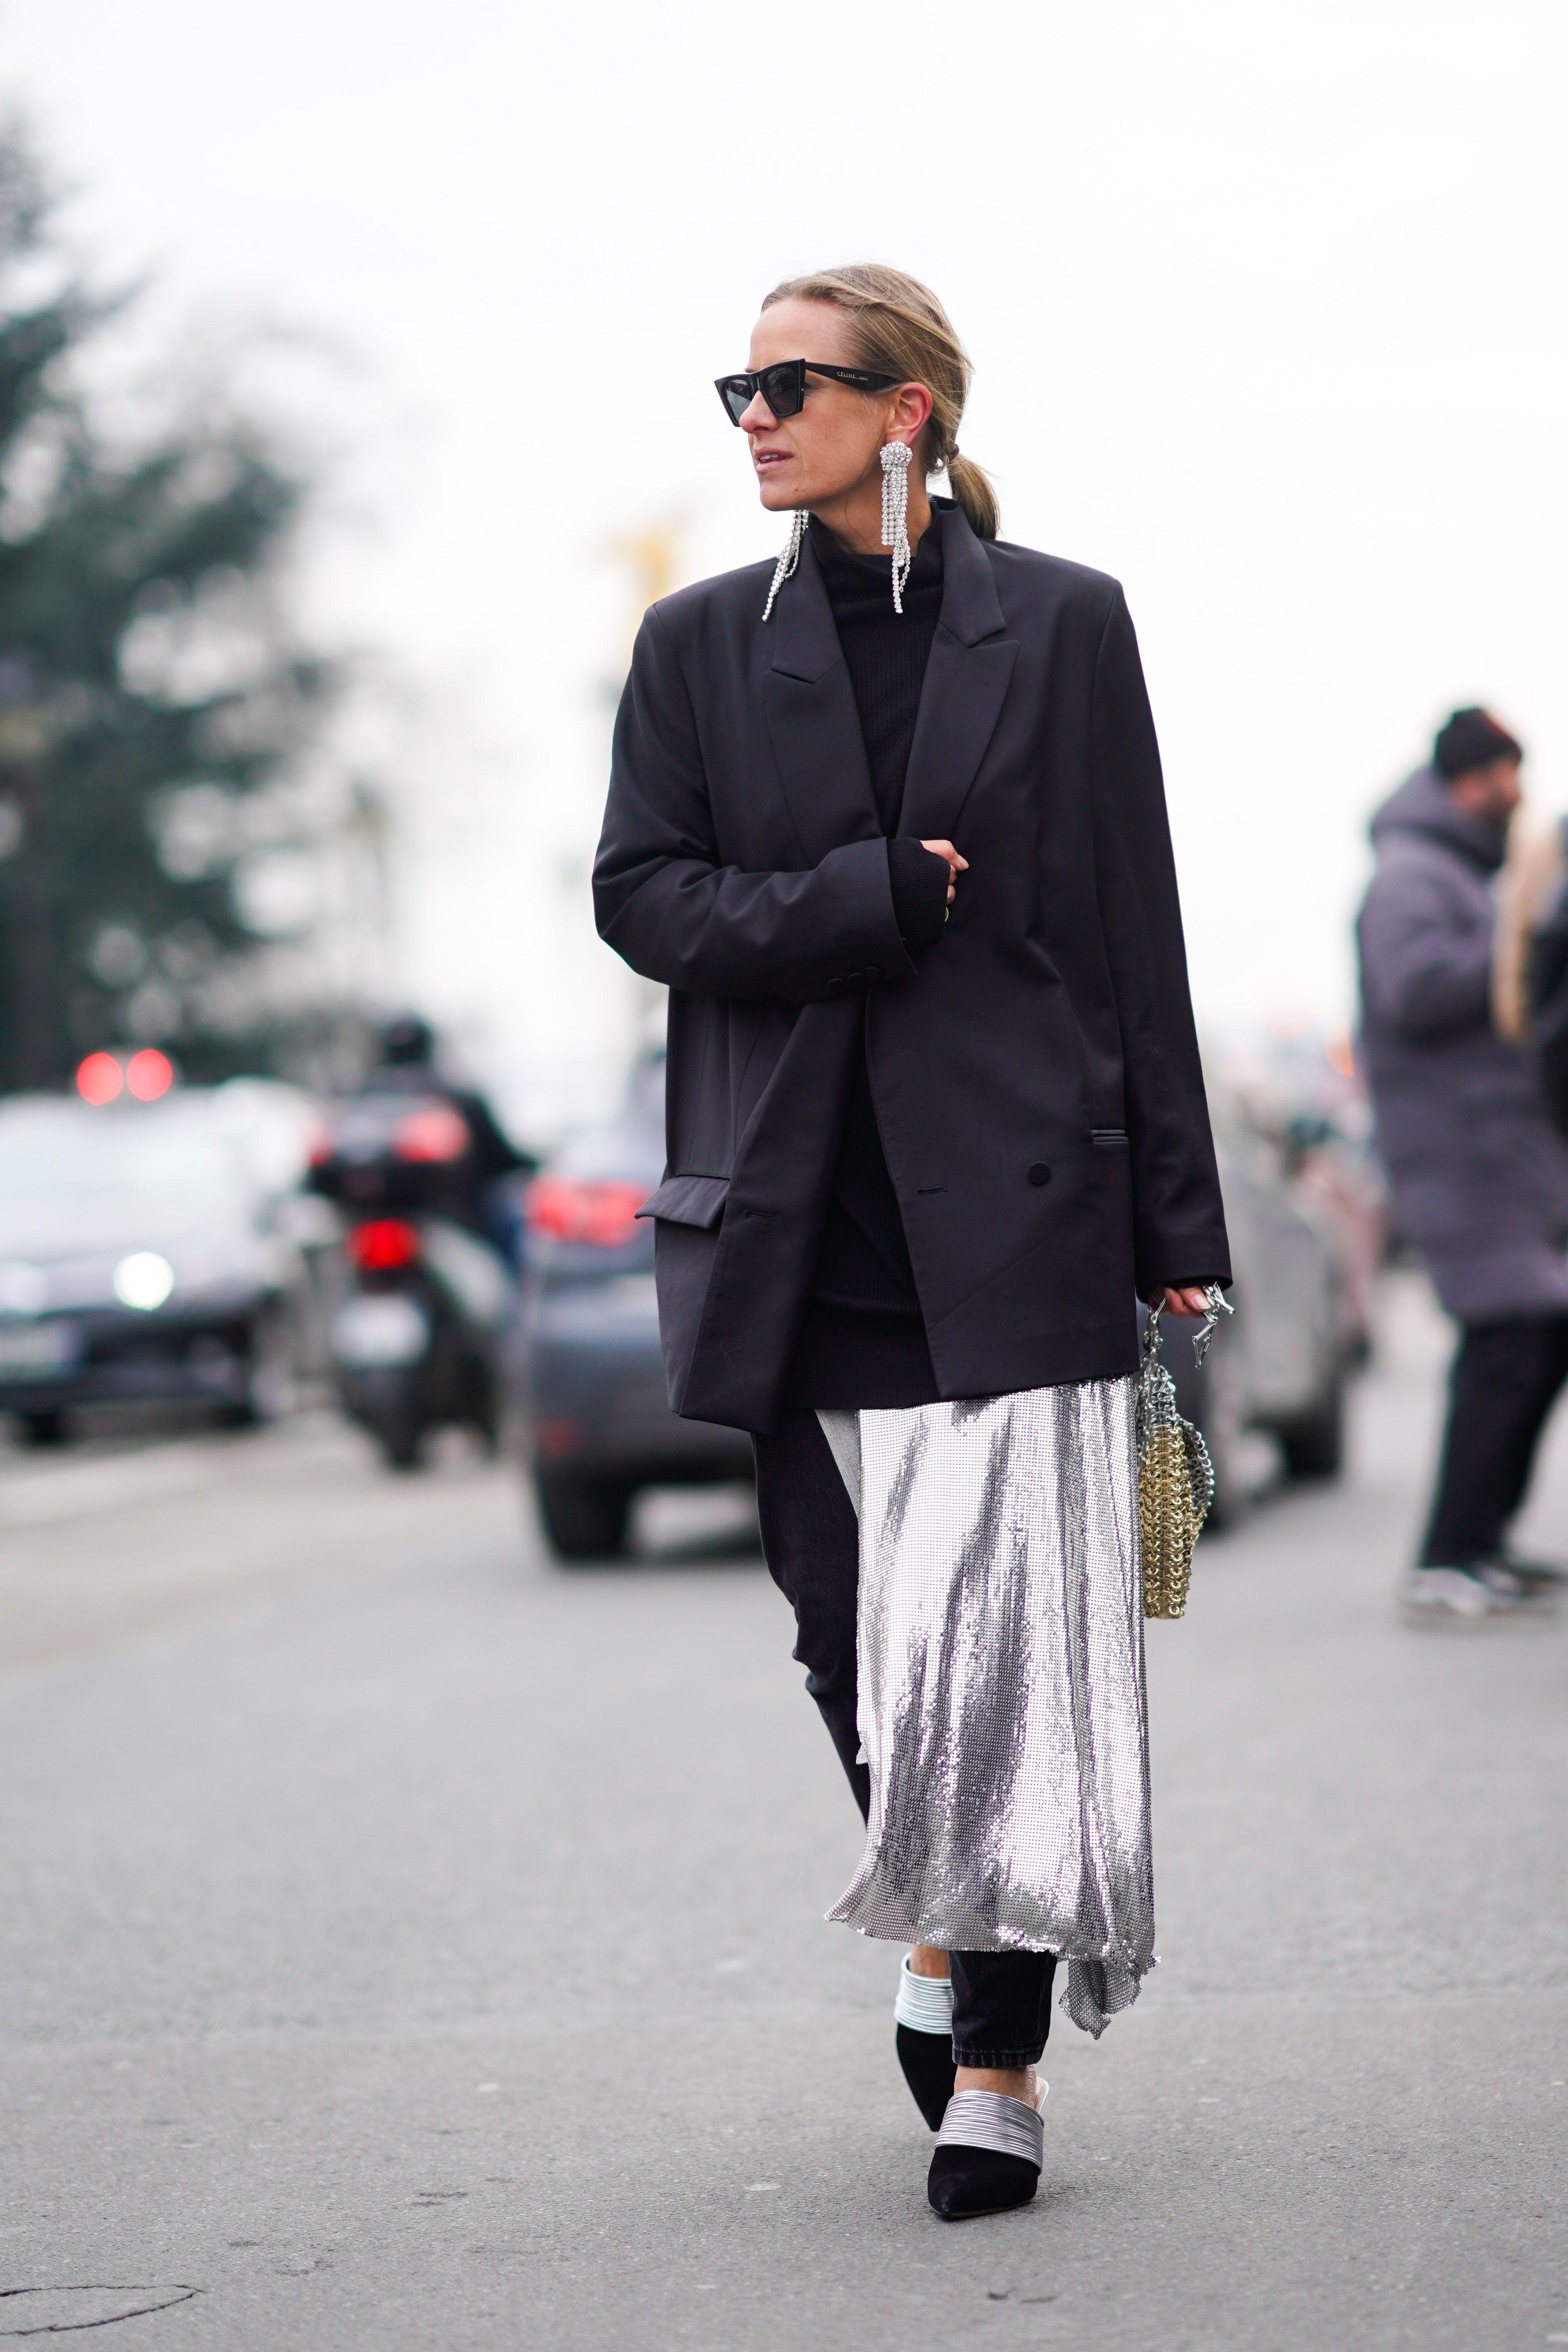 37 formas de llevar una americana negra- Americana negra  así se lleva la  prenda con más estilo 3a78b0fe56c